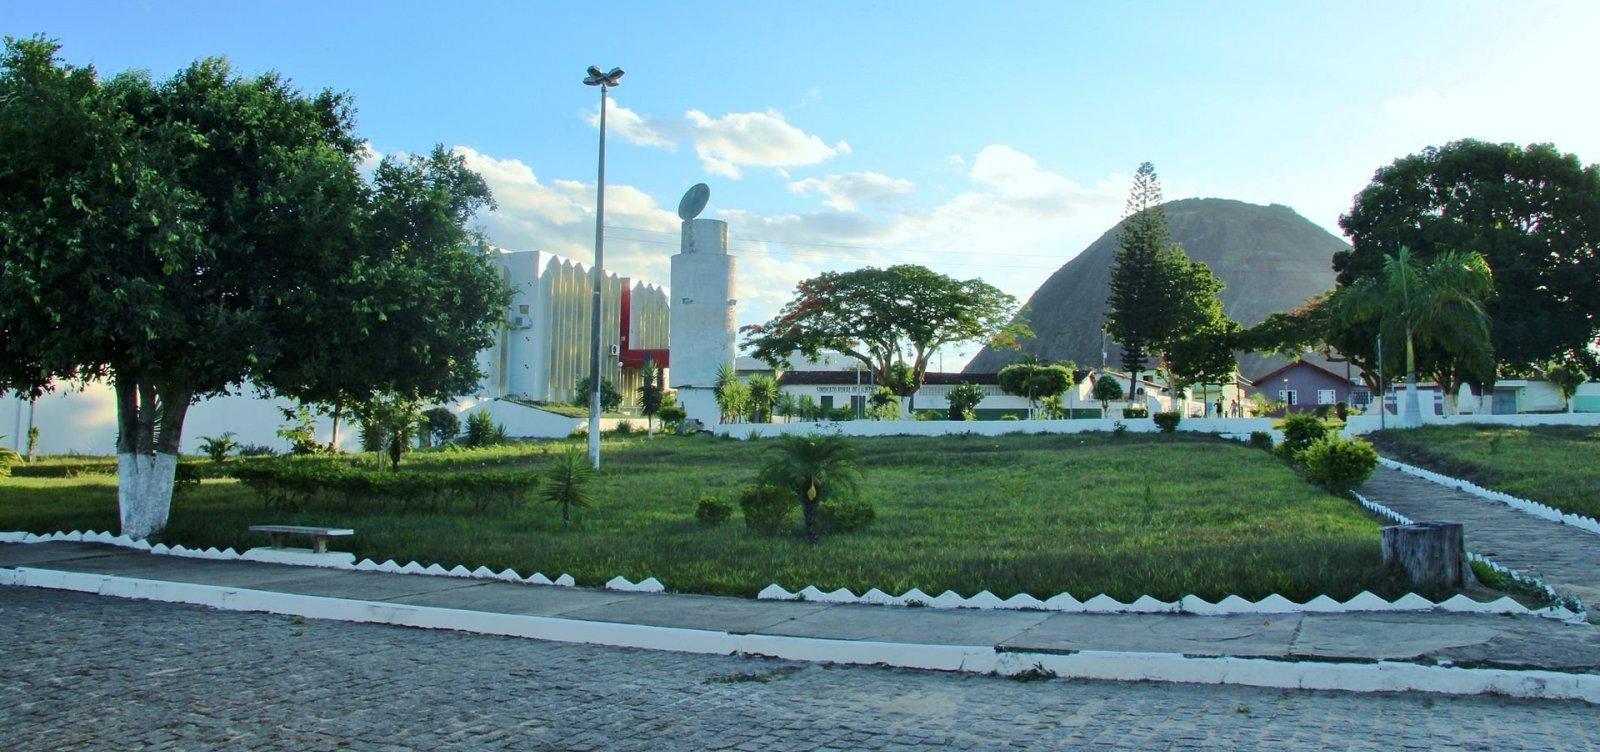 Servidores são maioria em 56% das cidades pequenas no Brasil